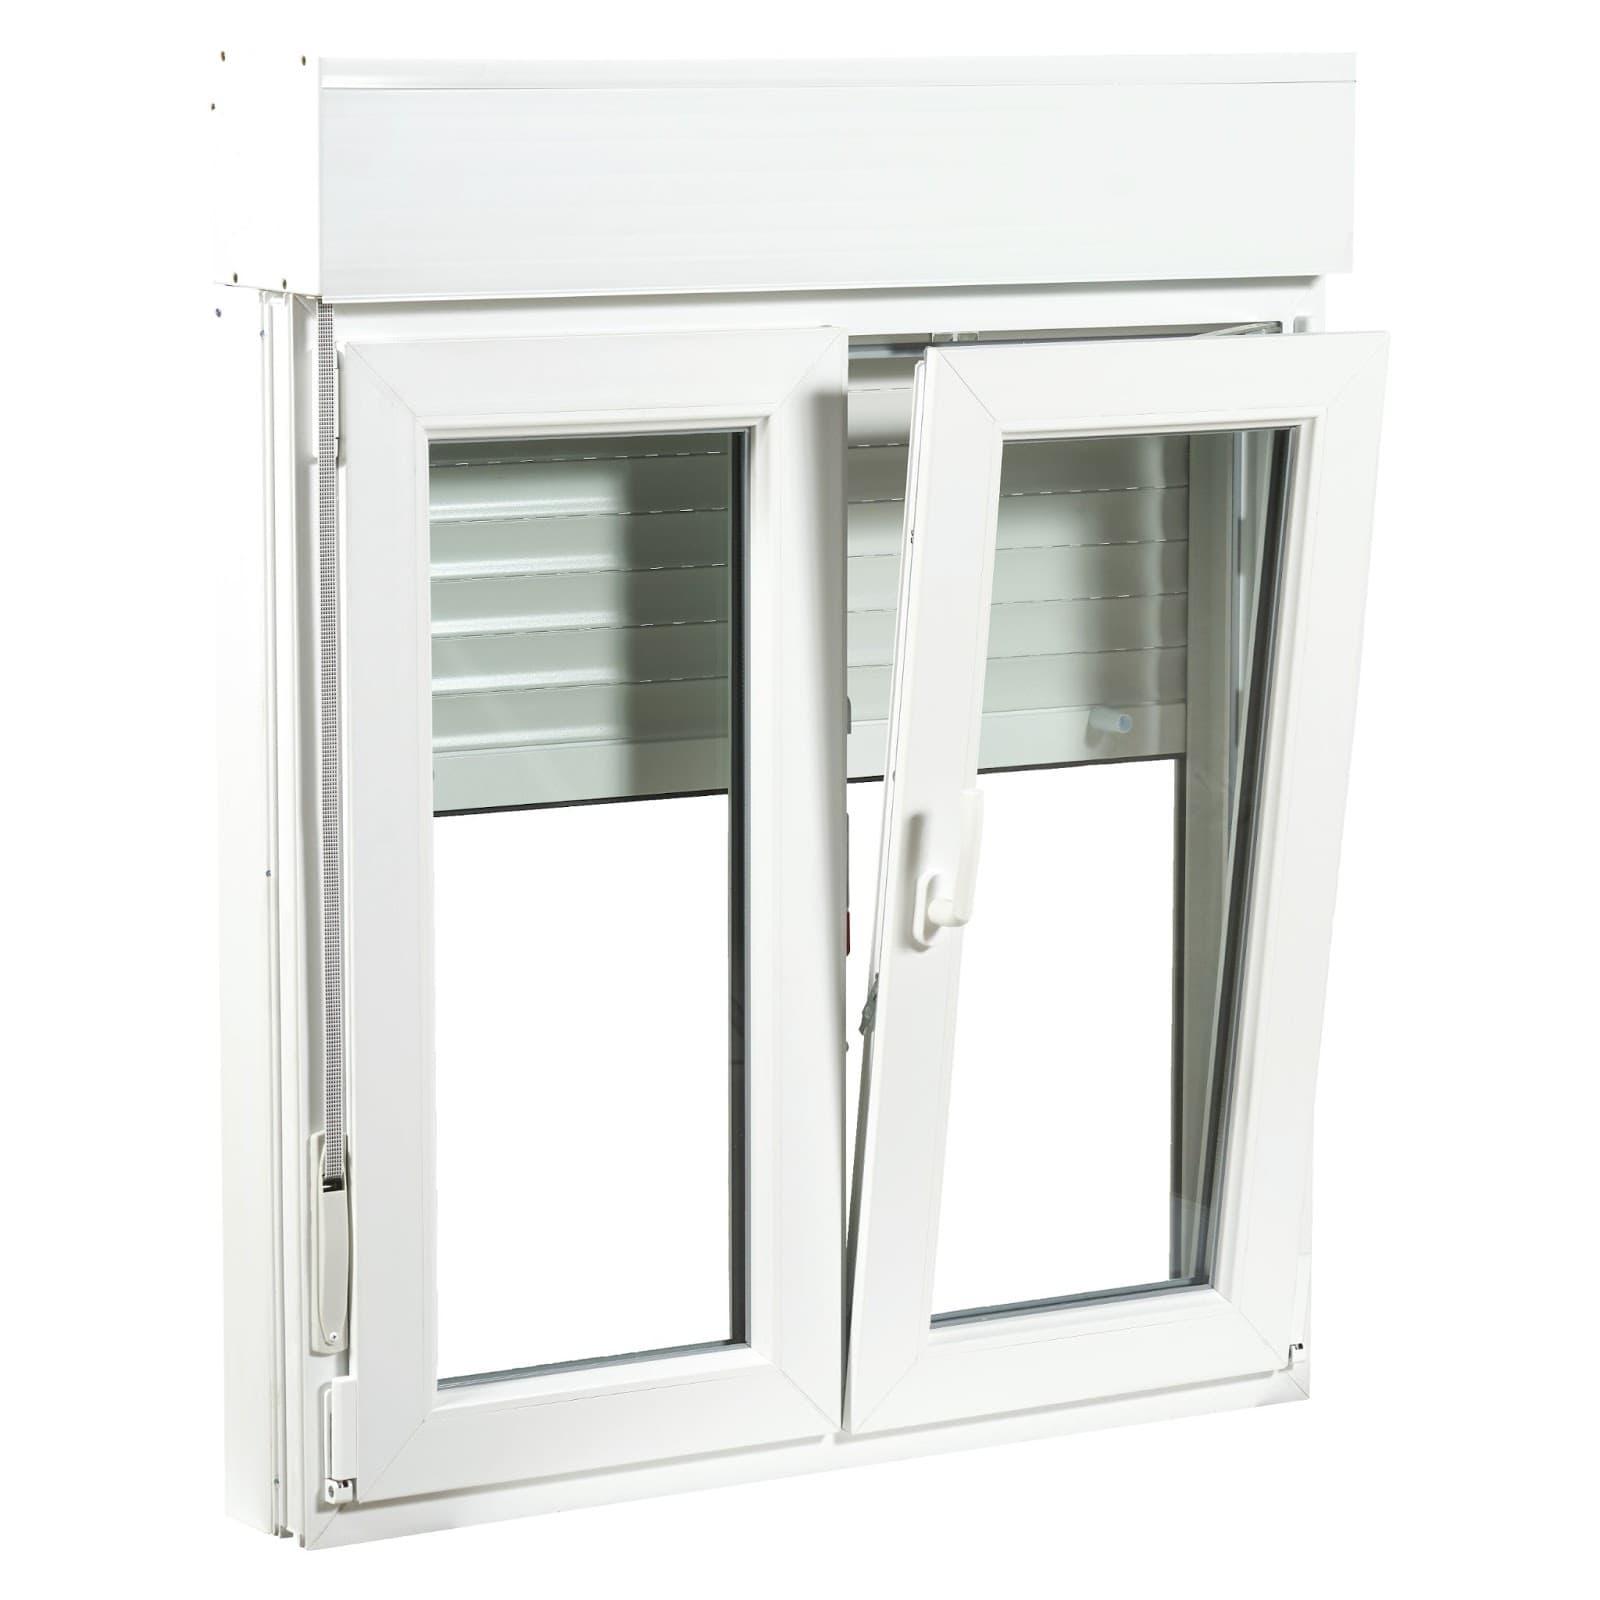 aislar ventanas